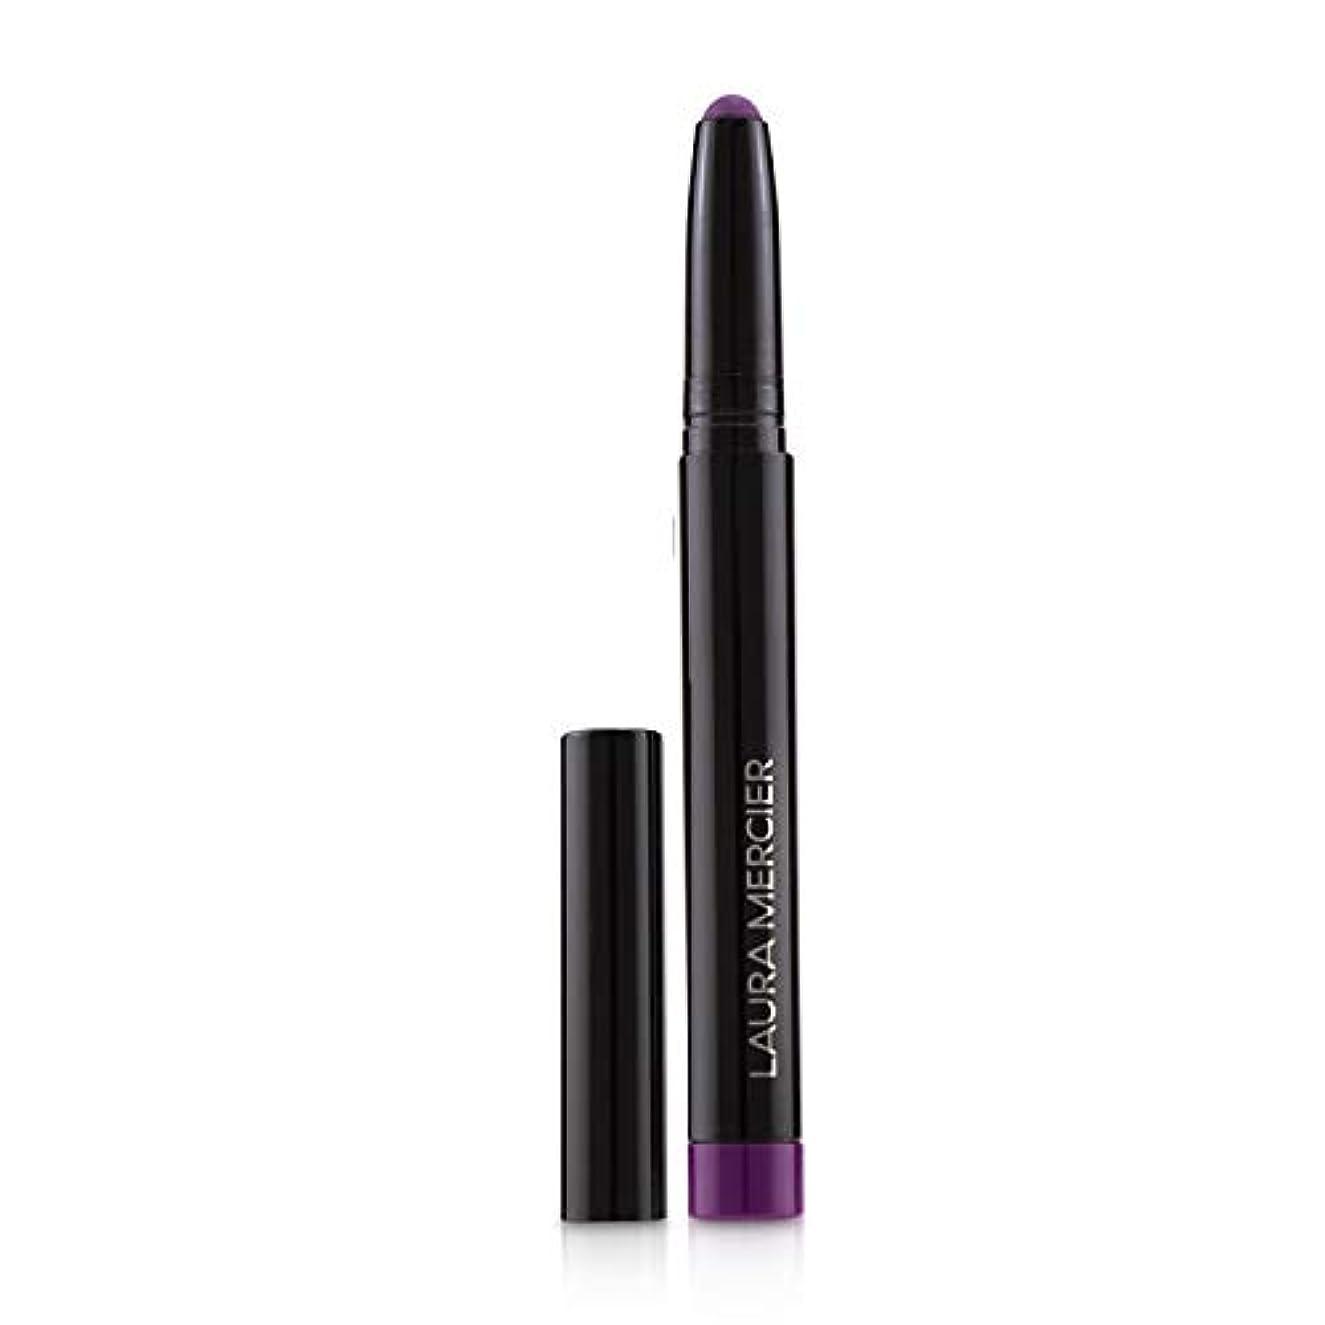 粗いそんなに強調するローラ メルシエ Velour Extreme Matte Lipstick - # Chill (Purple) 1.4g/0.035oz並行輸入品